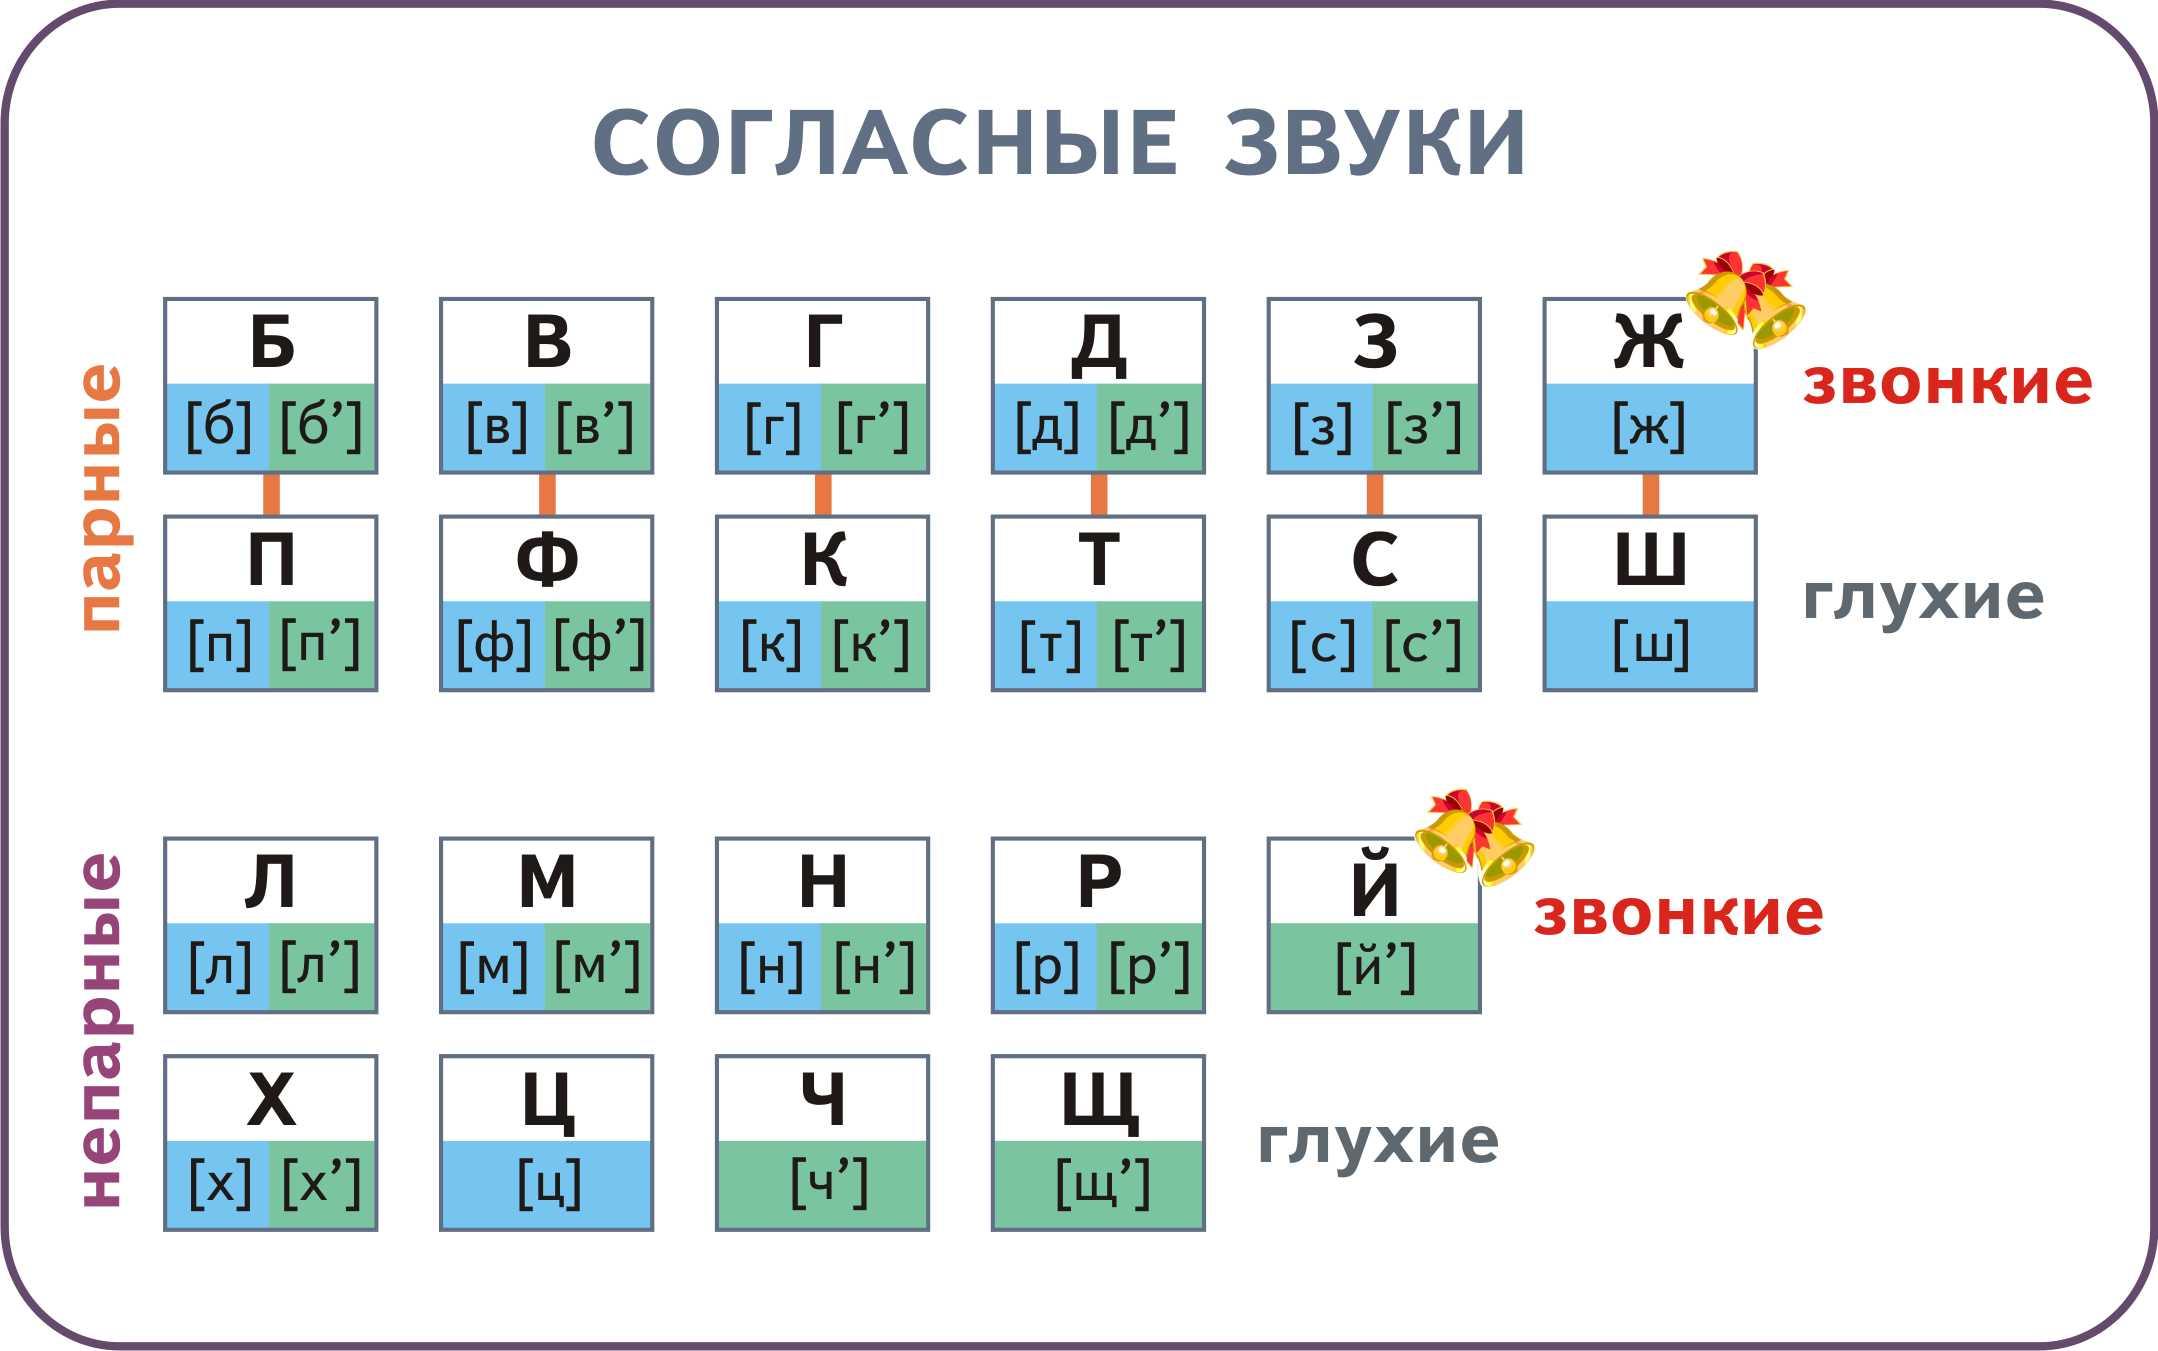 Твердые и мягкие согласные звуки 1 класс: таблица, правило 45